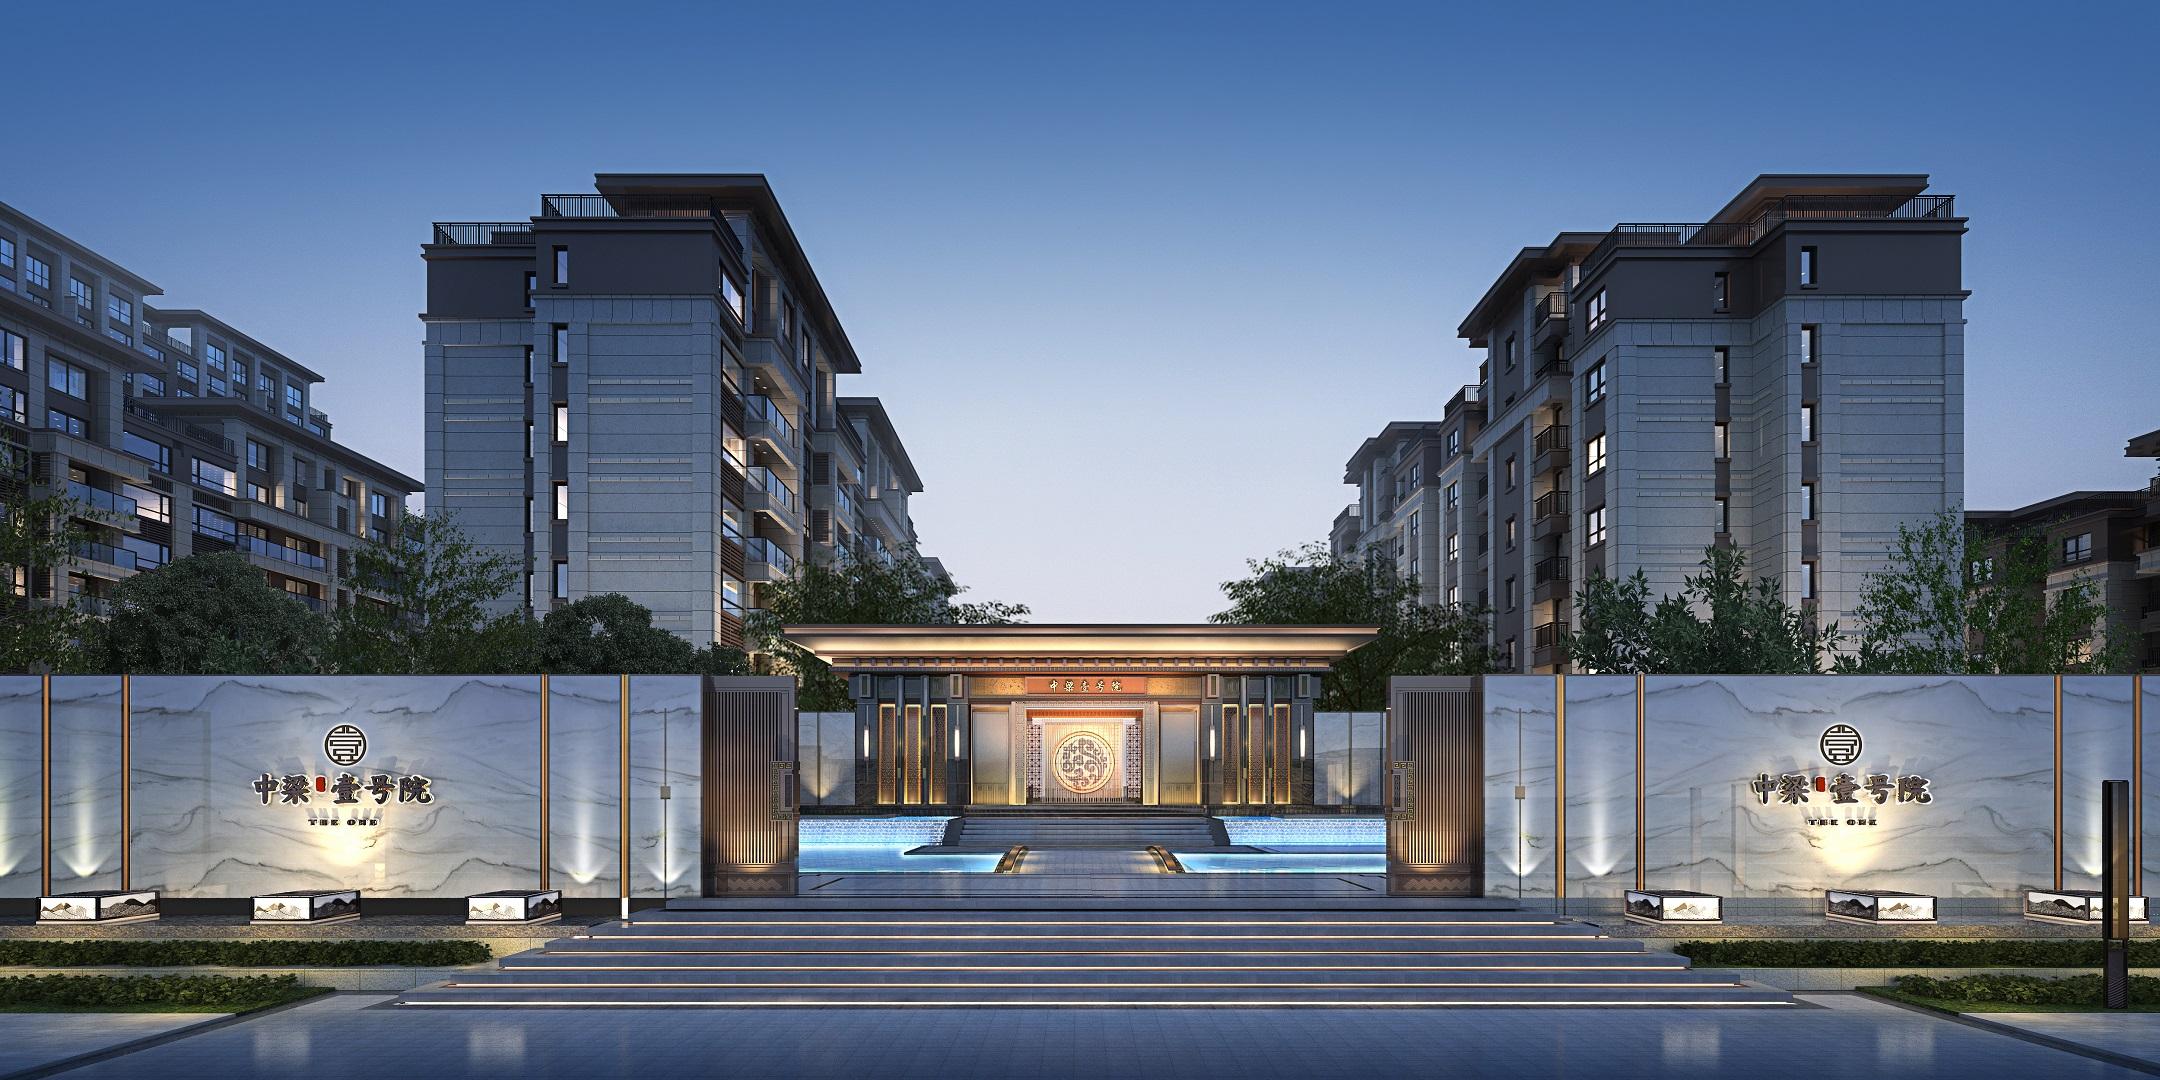 仅1.5容积率,主城区青龙湖旁的纯改善洋房来了-中国网地产